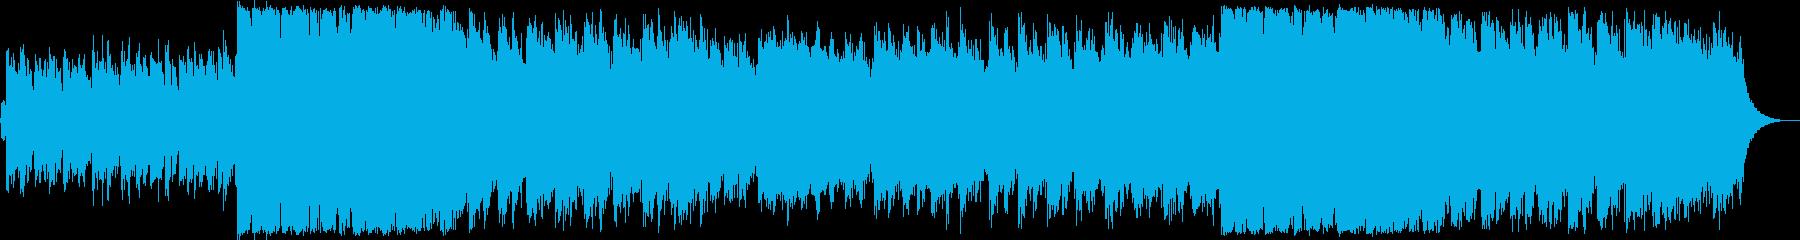 グリーンスリーブス様ノスタルジックな曲の再生済みの波形